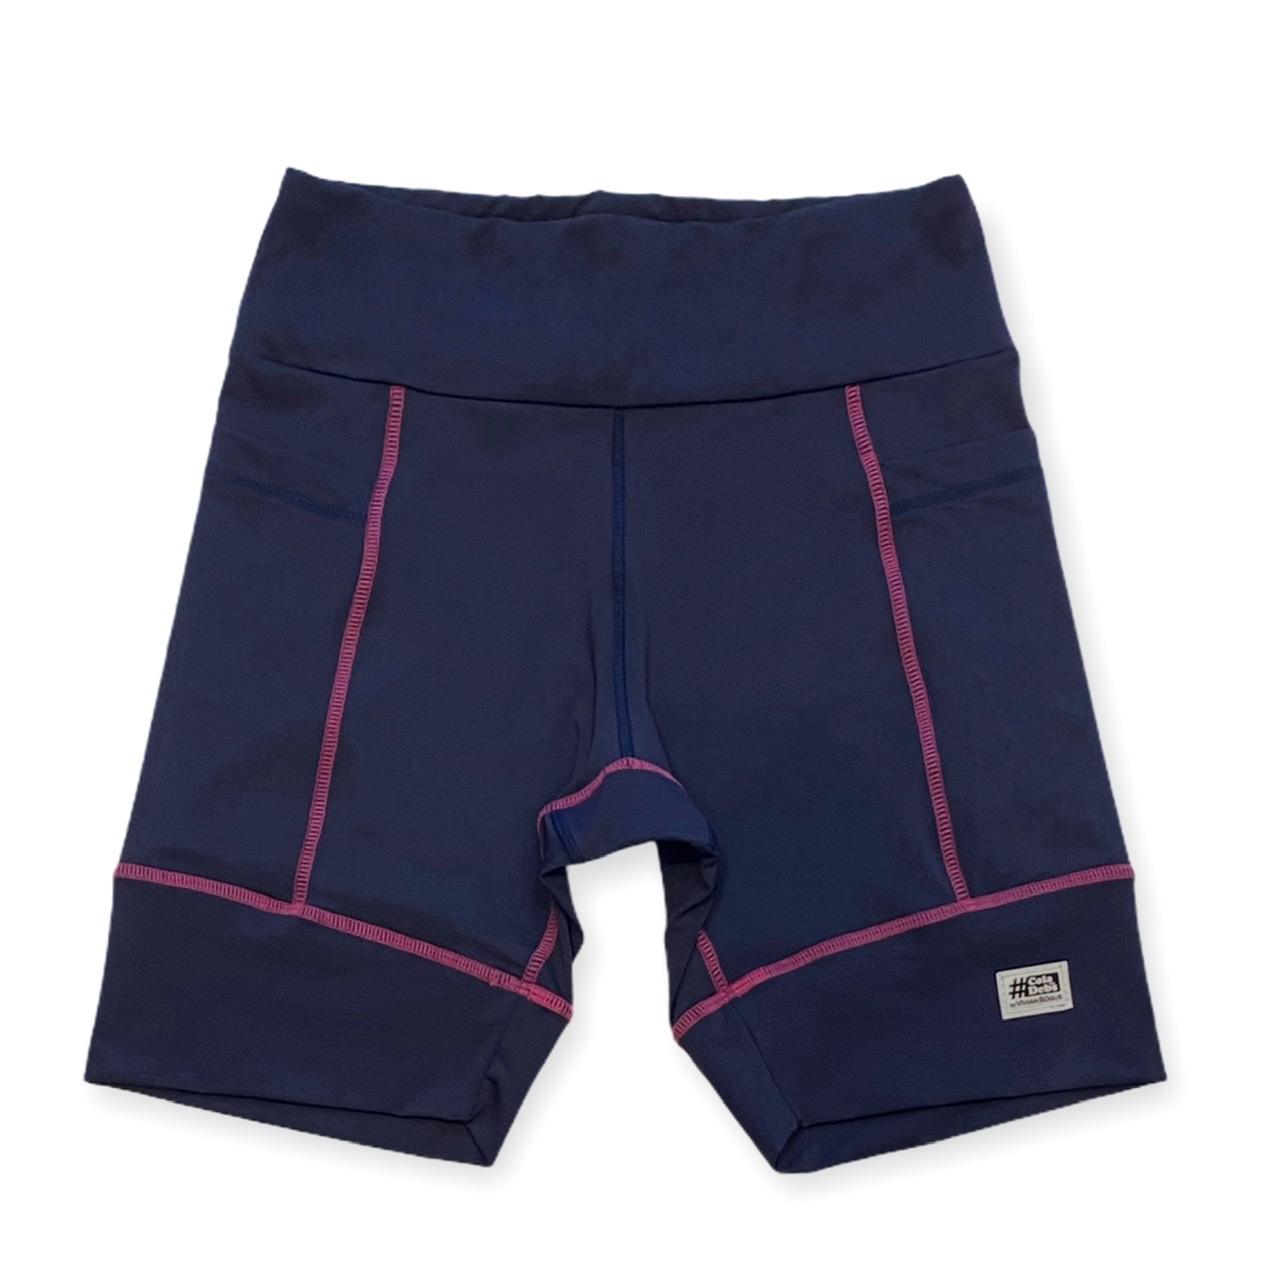 Bermuda de compressão unissex square em sportiva azul marinho costura pink  - Vivian Bógus